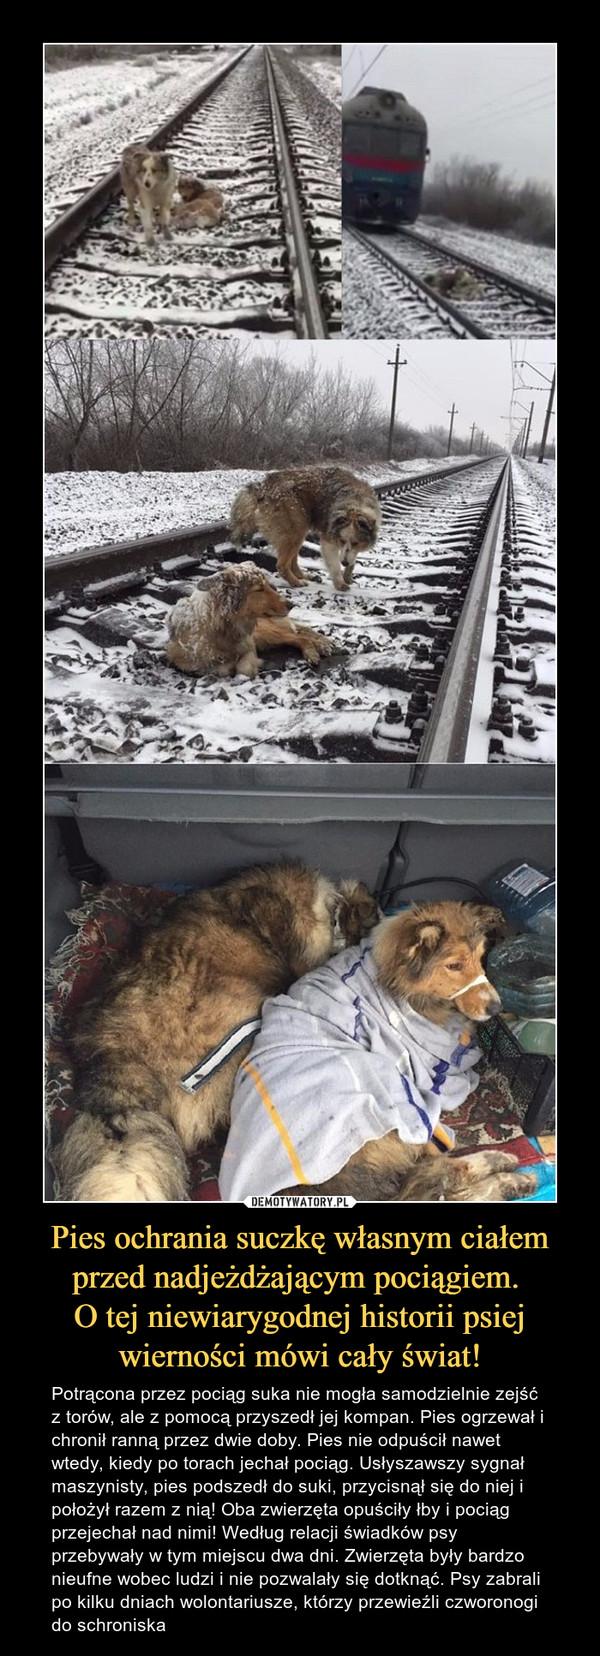 Pies ochrania suczkę własnym ciałem przed nadjeżdżającym pociągiem. O tej niewiarygodnej historii psiej wierności mówi cały świat! – Potrącona przez pociąg suka nie mogła samodzielnie zejść z torów, ale z pomocą przyszedł jej kompan. Pies ogrzewał i chronił ranną przez dwie doby. Pies nie odpuścił nawet wtedy, kiedy po torach jechał pociąg. Usłyszawszy sygnał maszynisty, pies podszedł do suki, przycisnął się do niej i położył razem z nią! Oba zwierzęta opuściły łby i pociąg przejechał nad nimi! Według relacji świadków psy przebywały w tym miejscu dwa dni. Zwierzęta były bardzo nieufne wobec ludzi i nie pozwalały się dotknąć. Psy zabrali po kilku dniach wolontariusze, którzy przewieźli czworonogi do schroniska